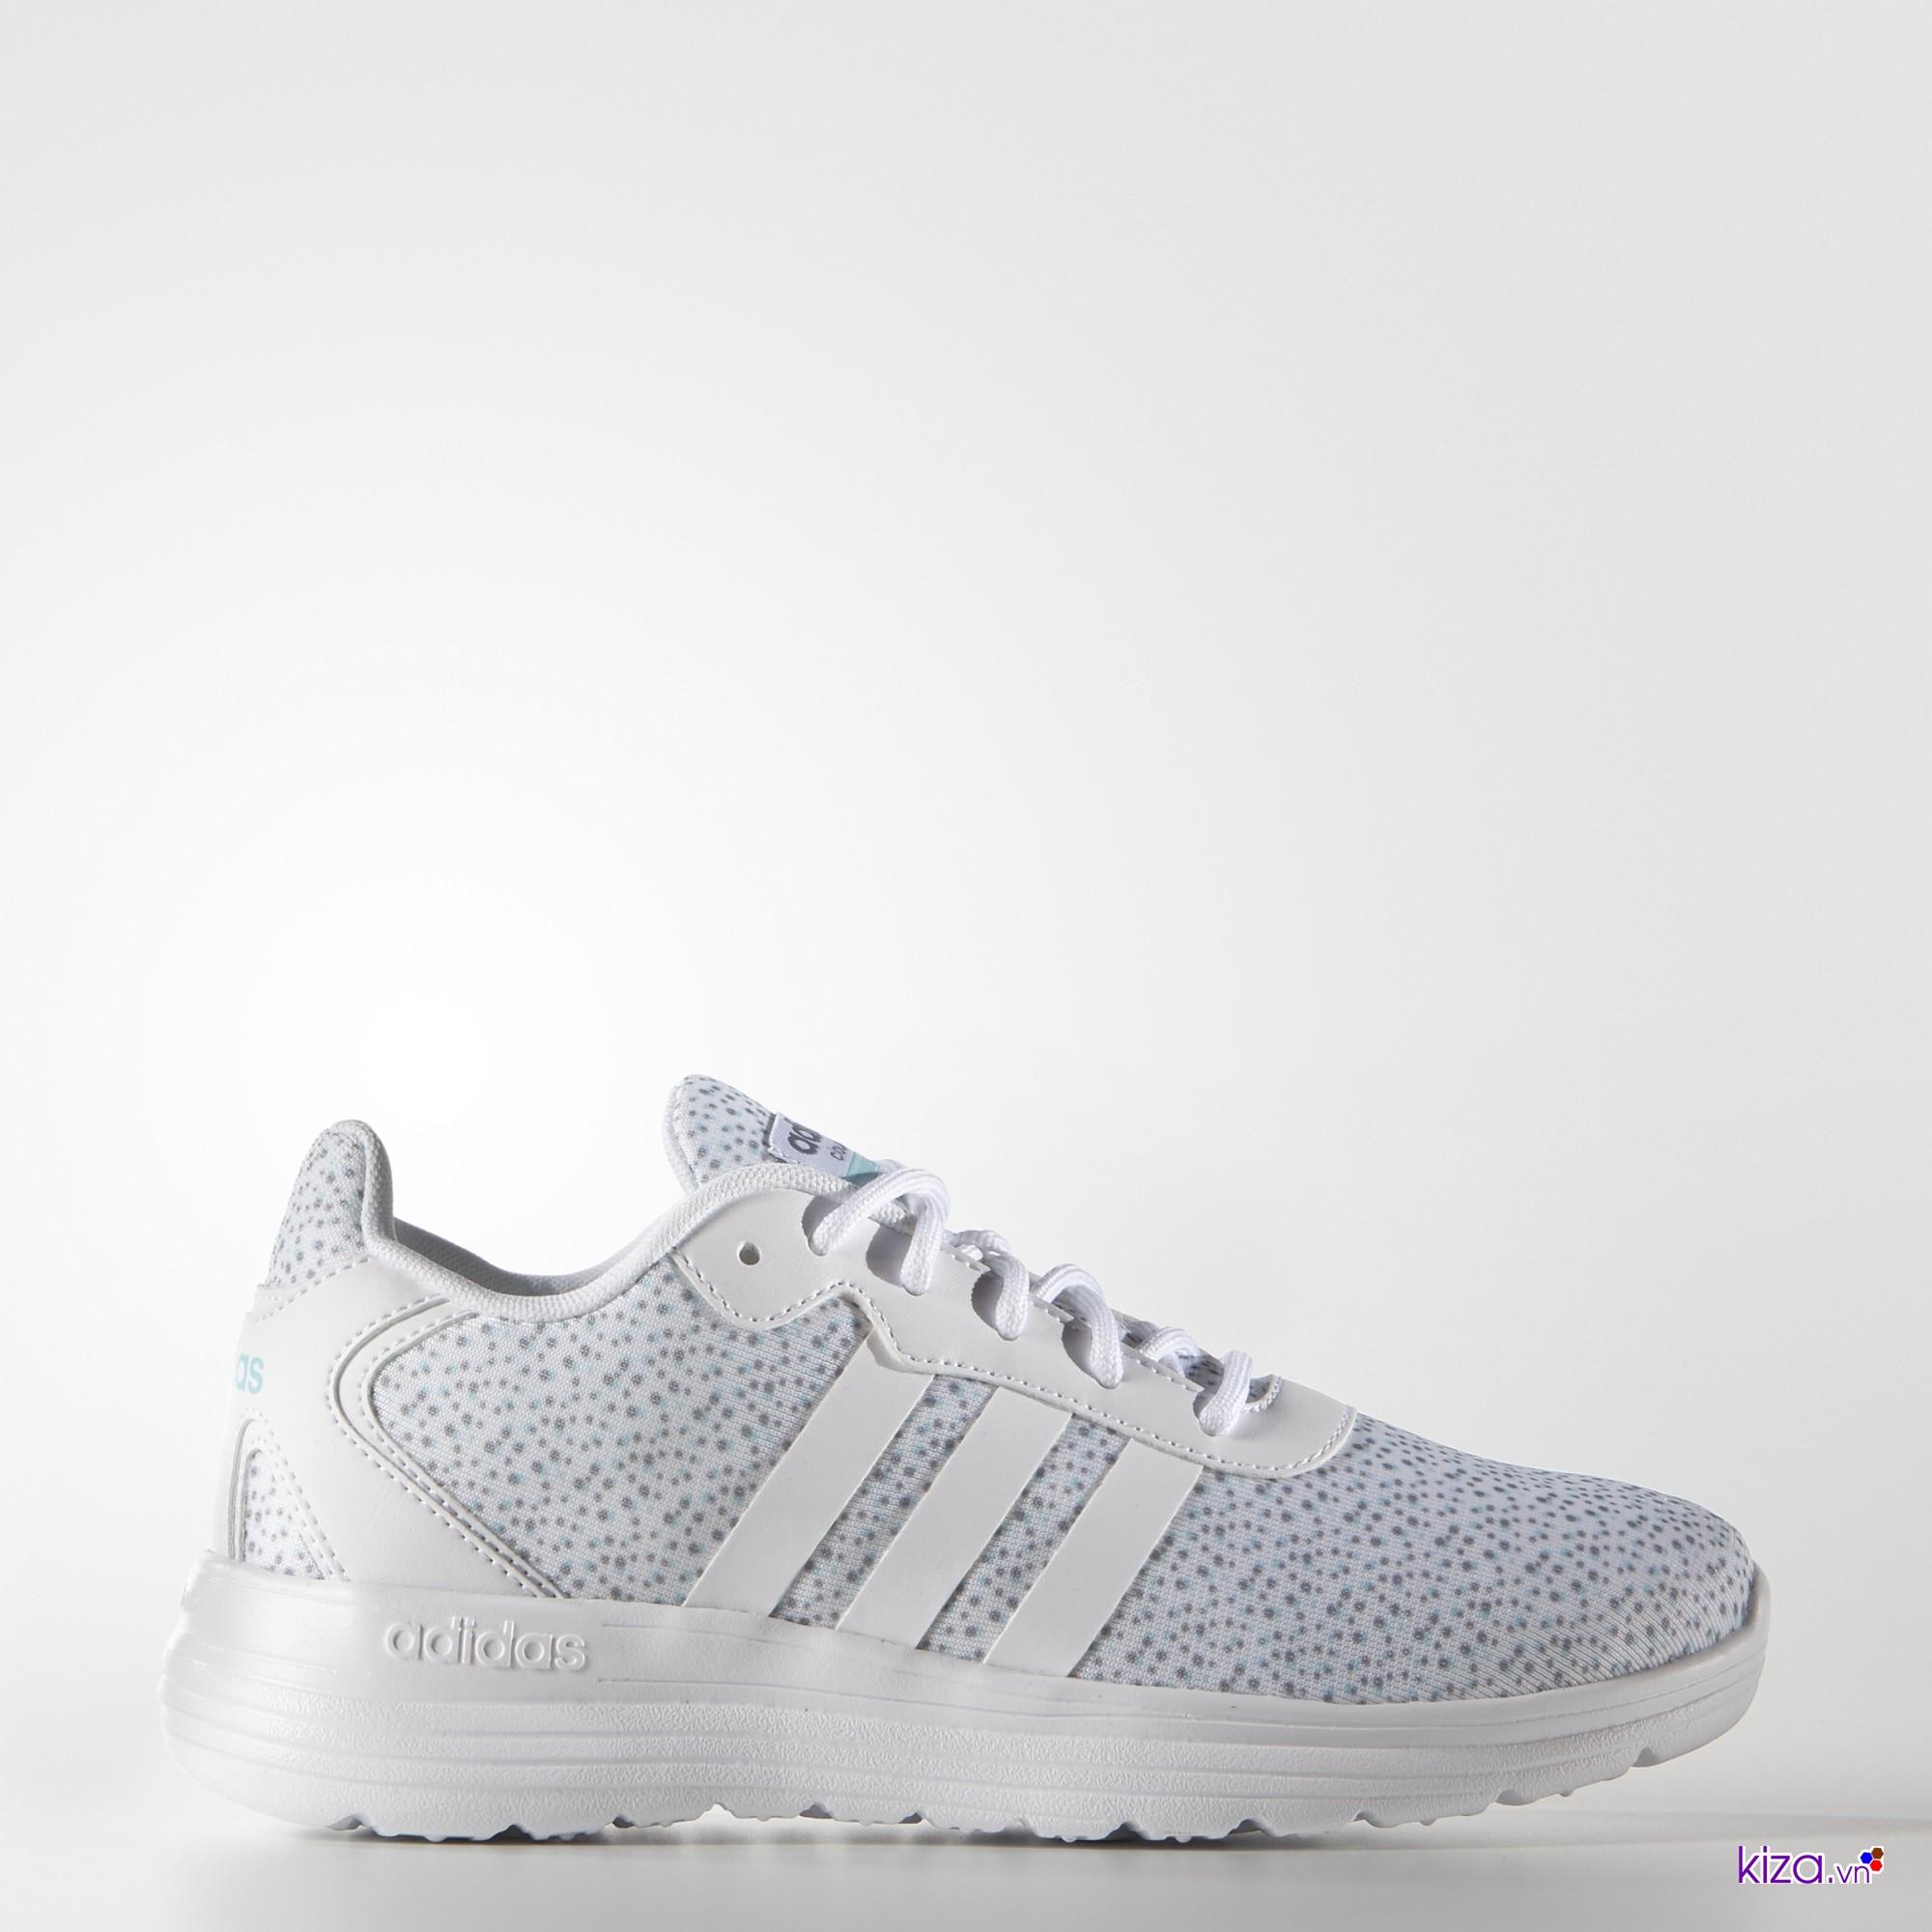 Giày Adidas Neo giá rẻ thời trang